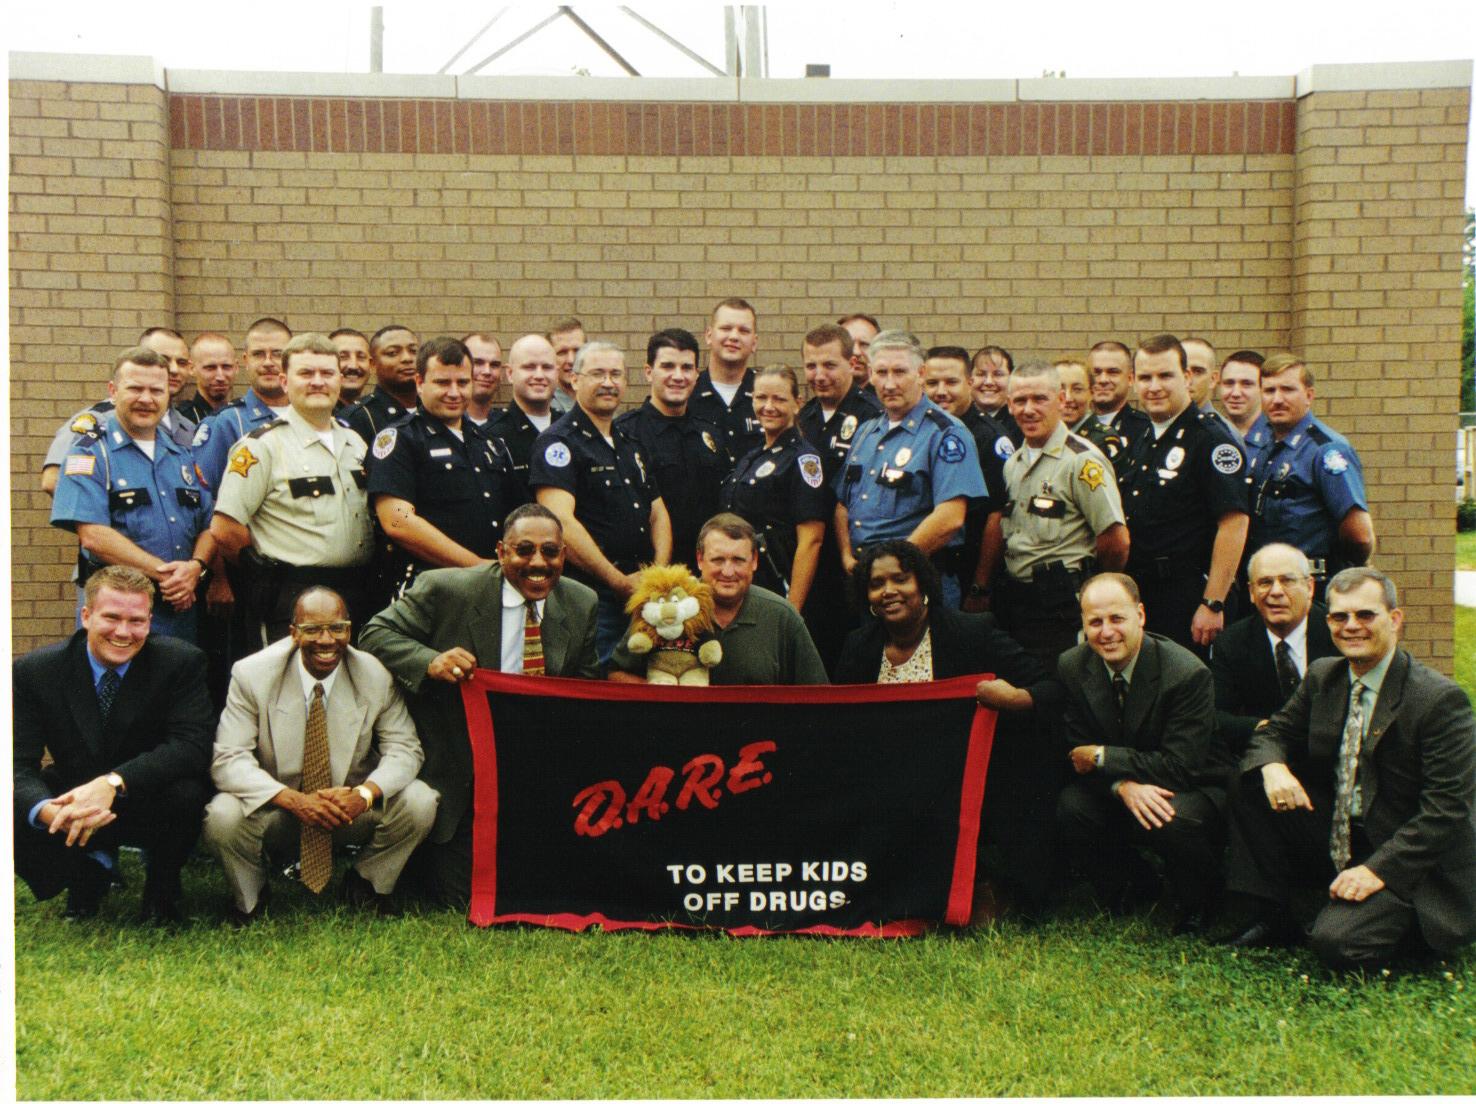 DARE Officer Training #43